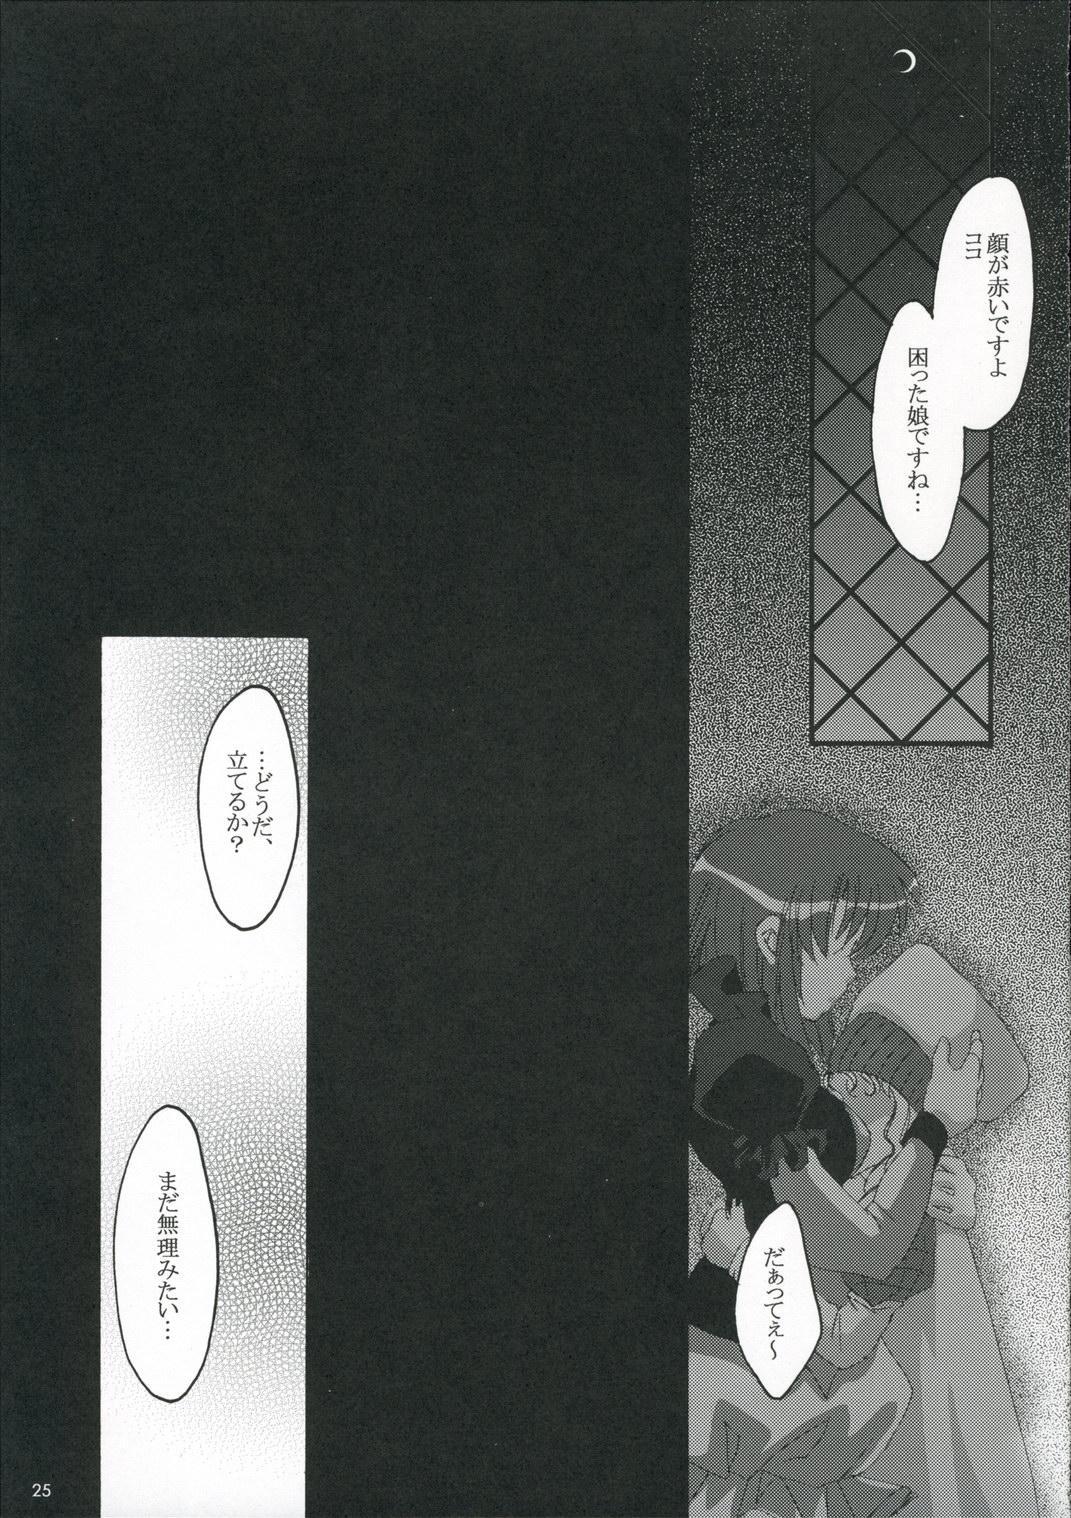 Kagiri Naku Kuro ni Chikai Shiro 24